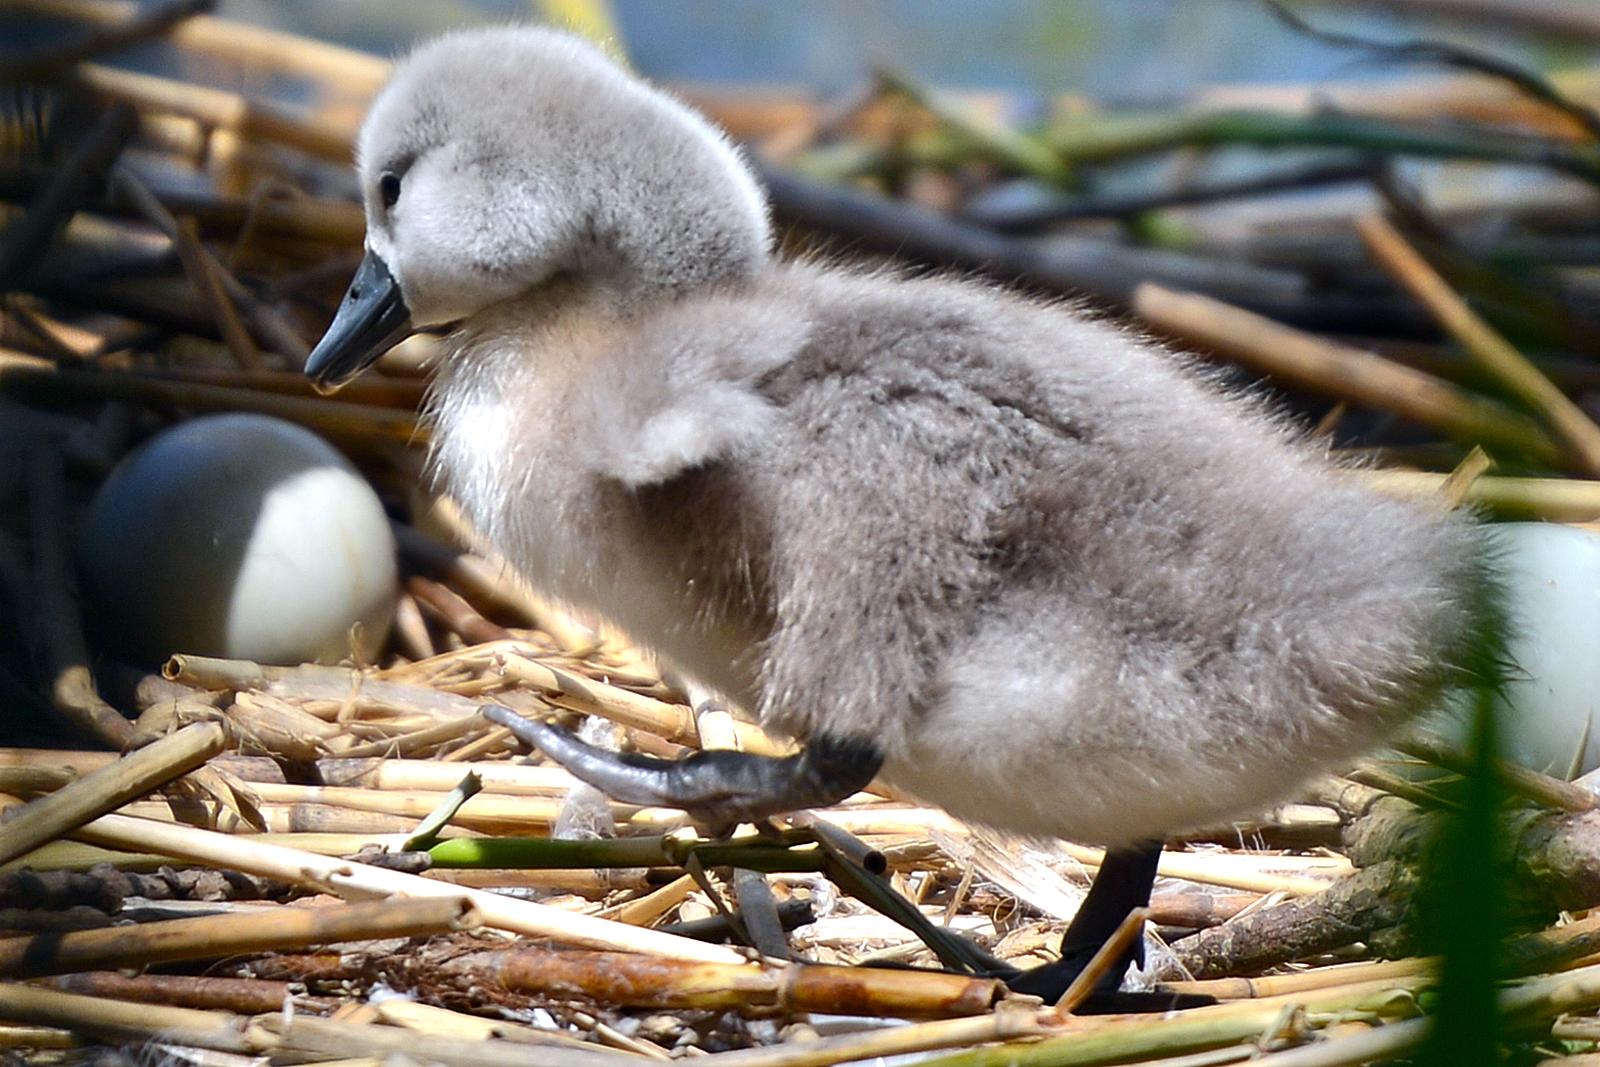 am ugly duckling | artborghi.com